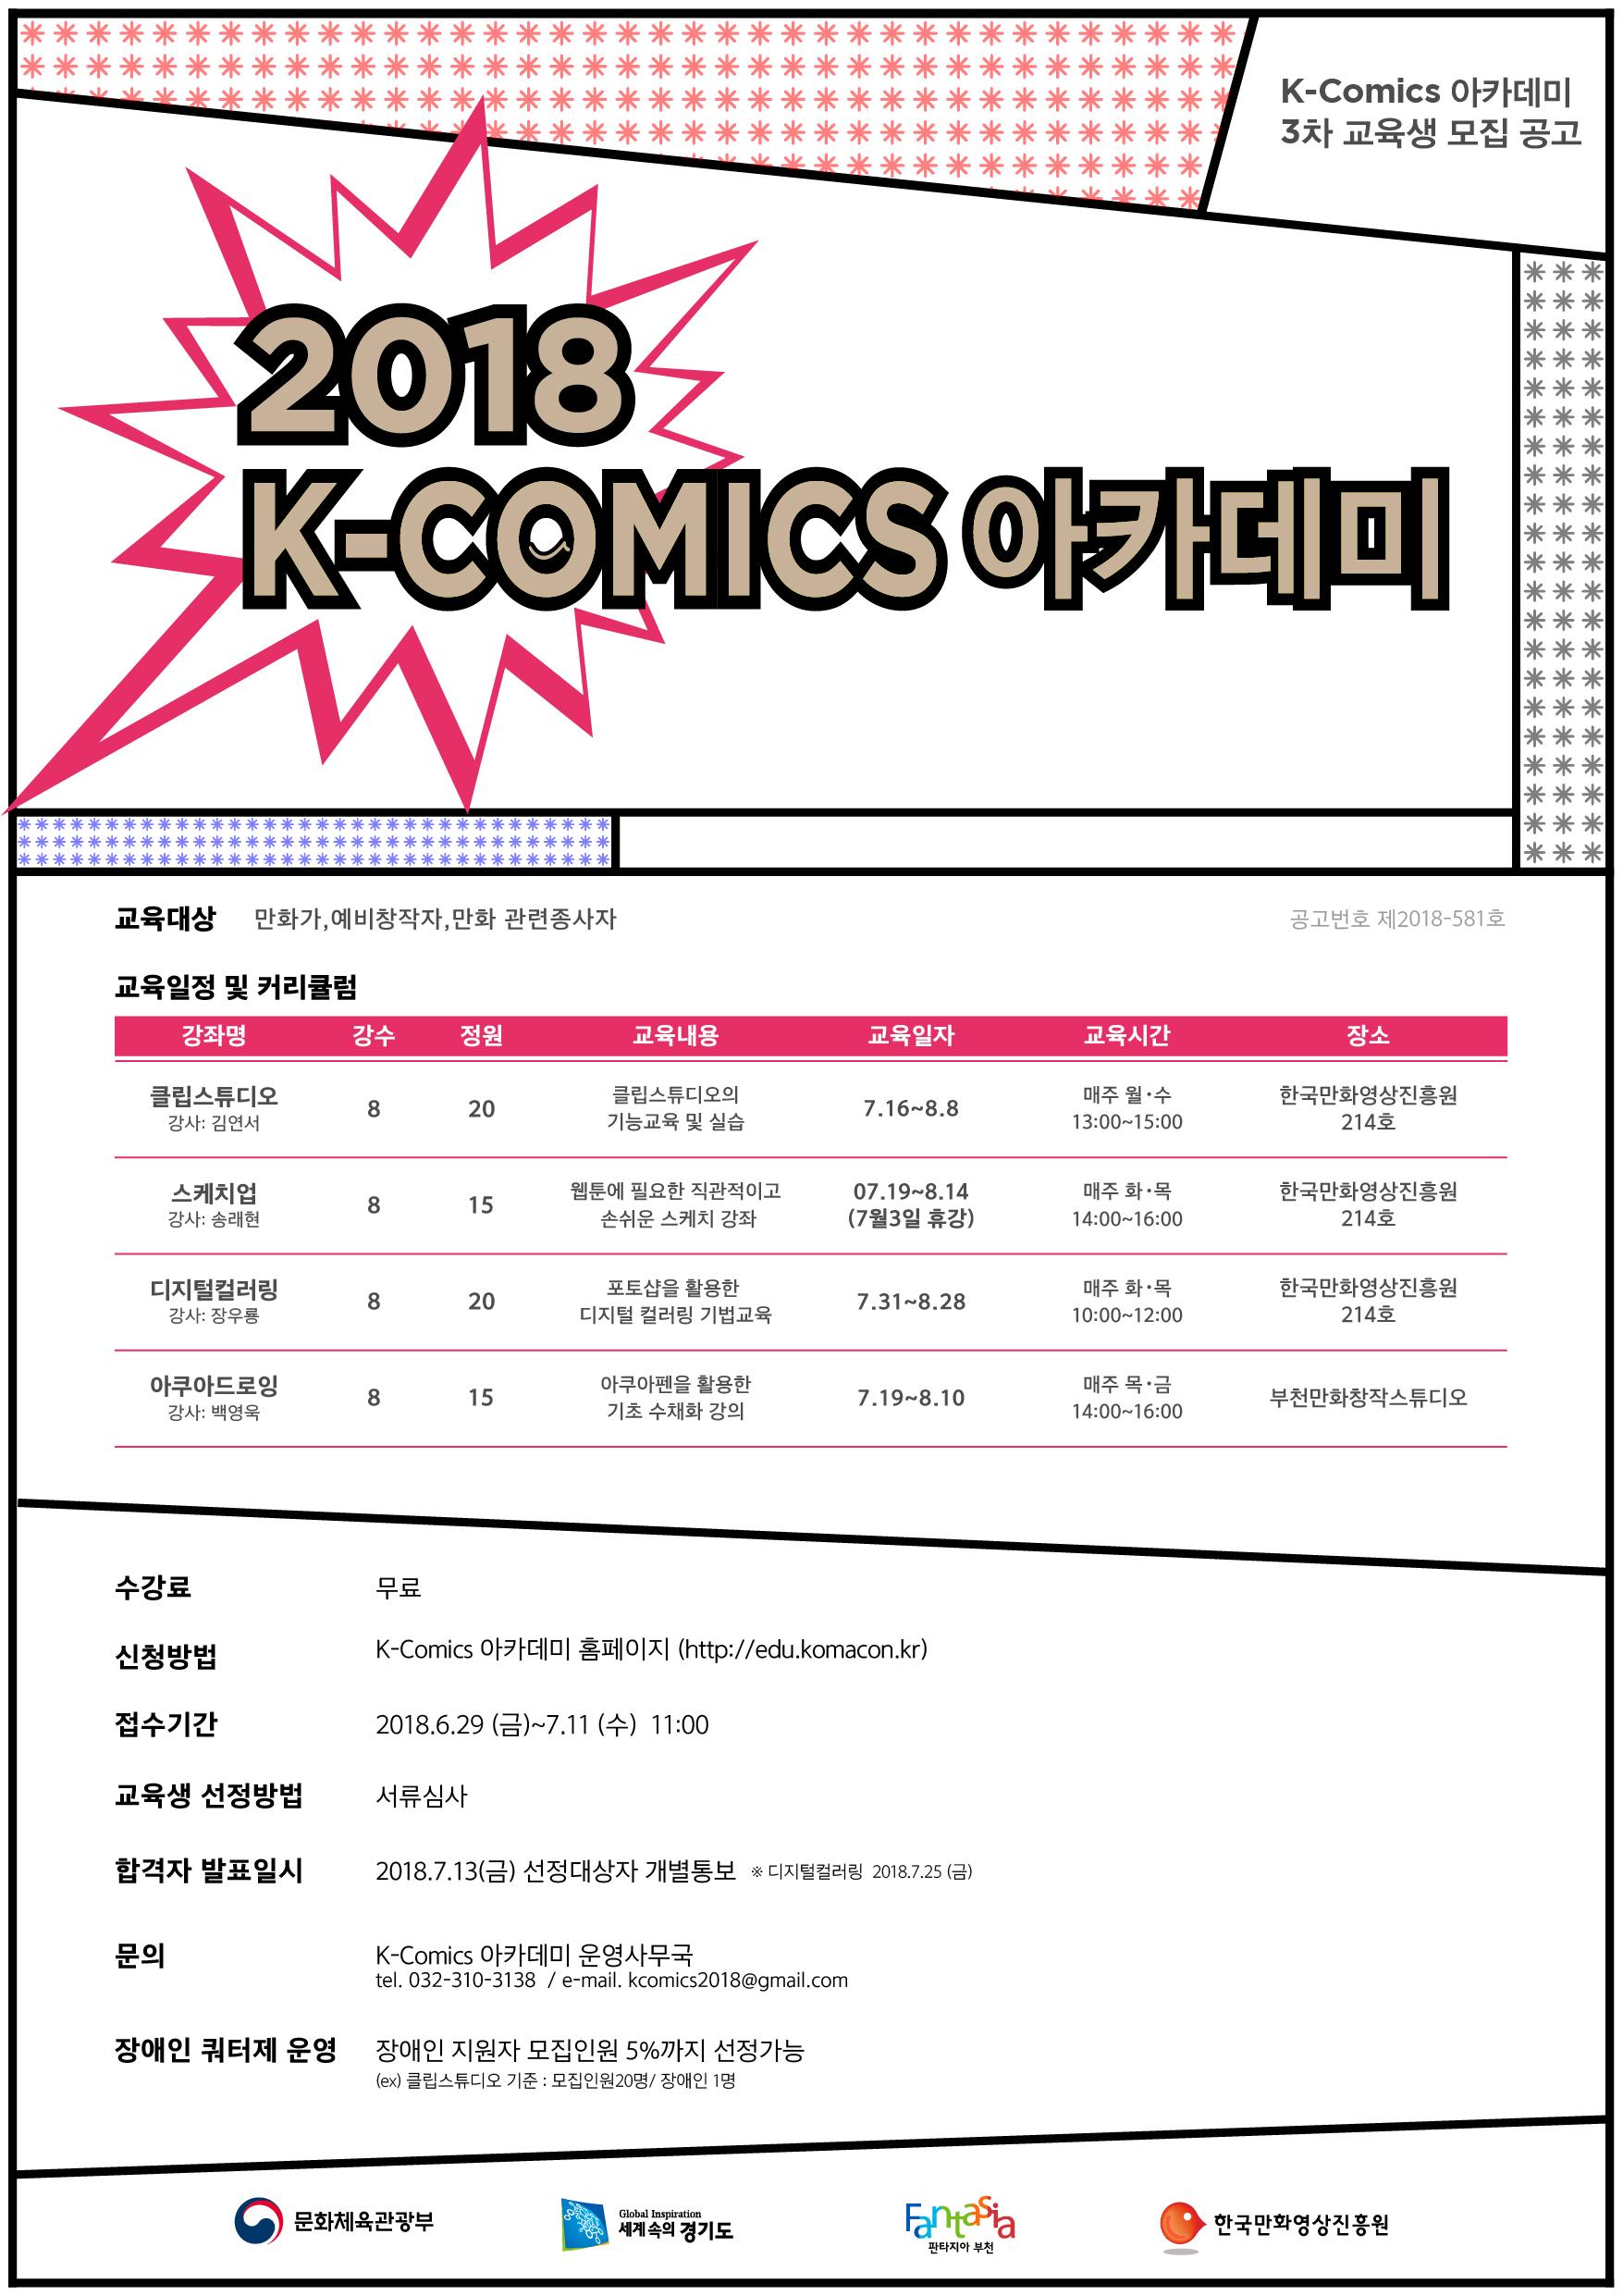 2018 K-Comics 아카데미 제 3차 교육생모집